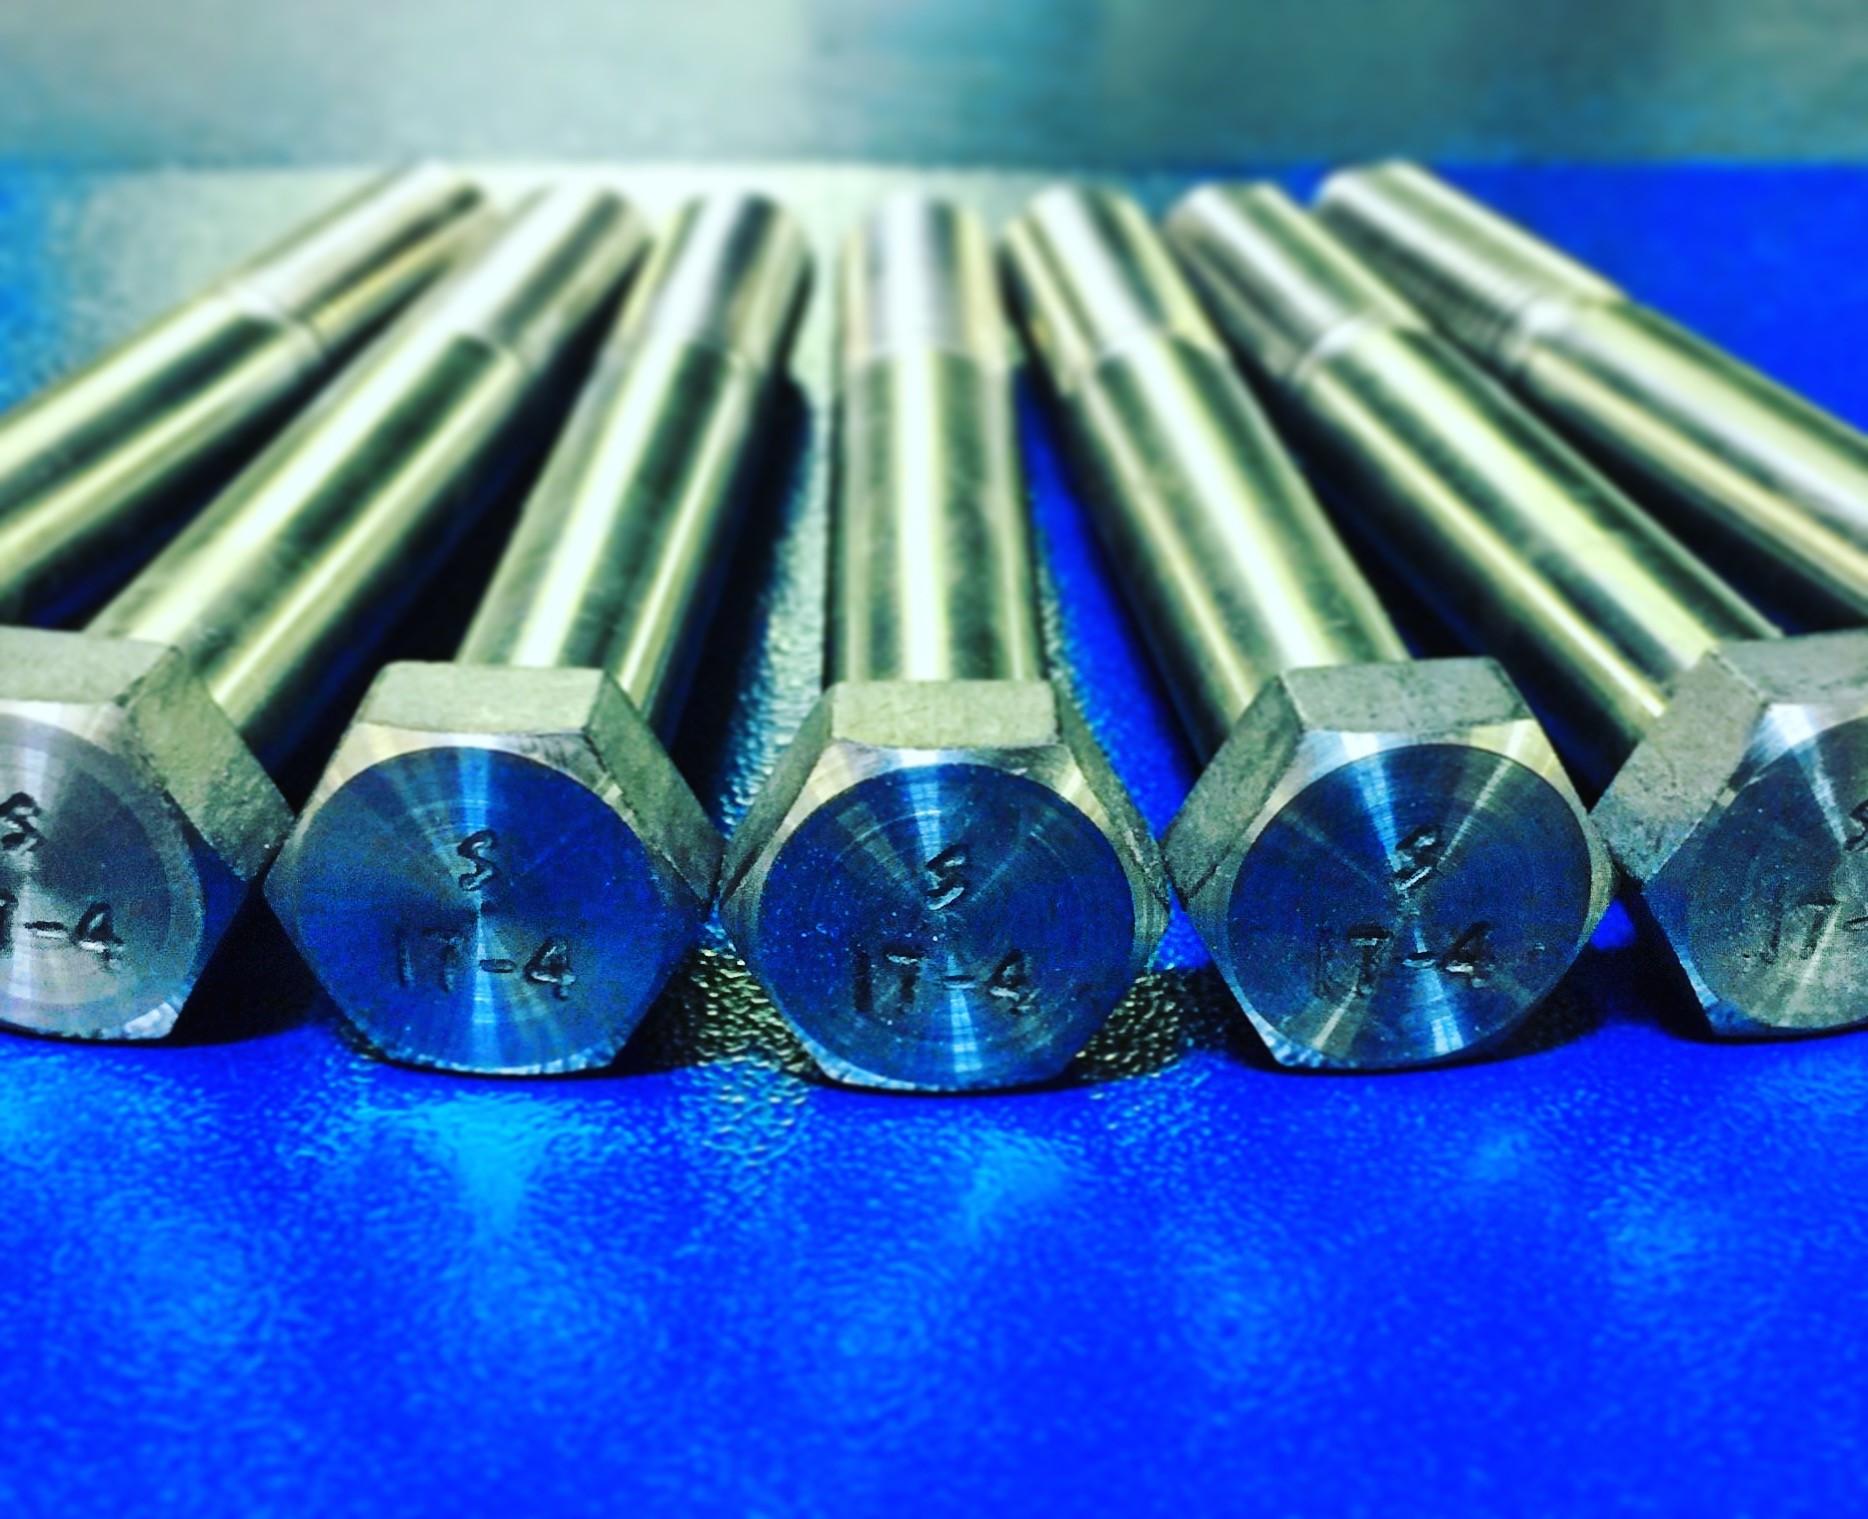 5/8(11) x 4-1/2 Hex cap screw 17-4ph H1075